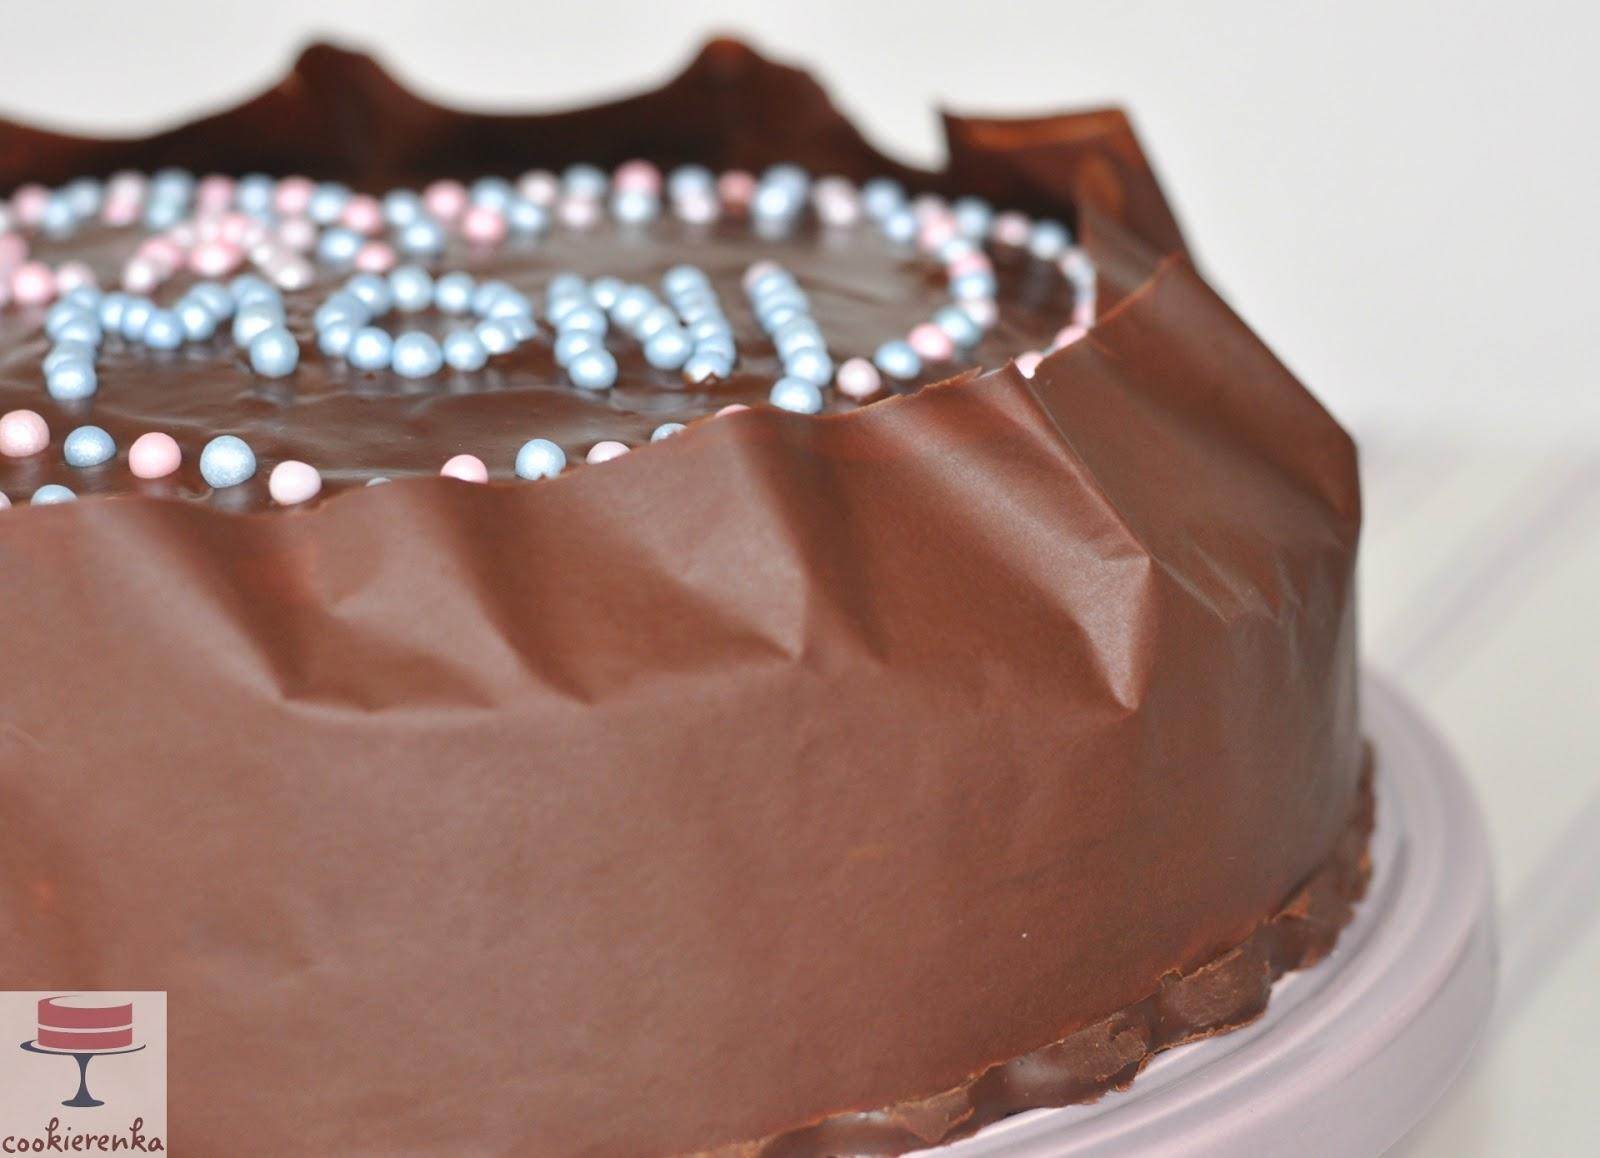 http://www.cookierenka.com/2014/12/tort-czekoladowy-z-masa-budyniowa.html